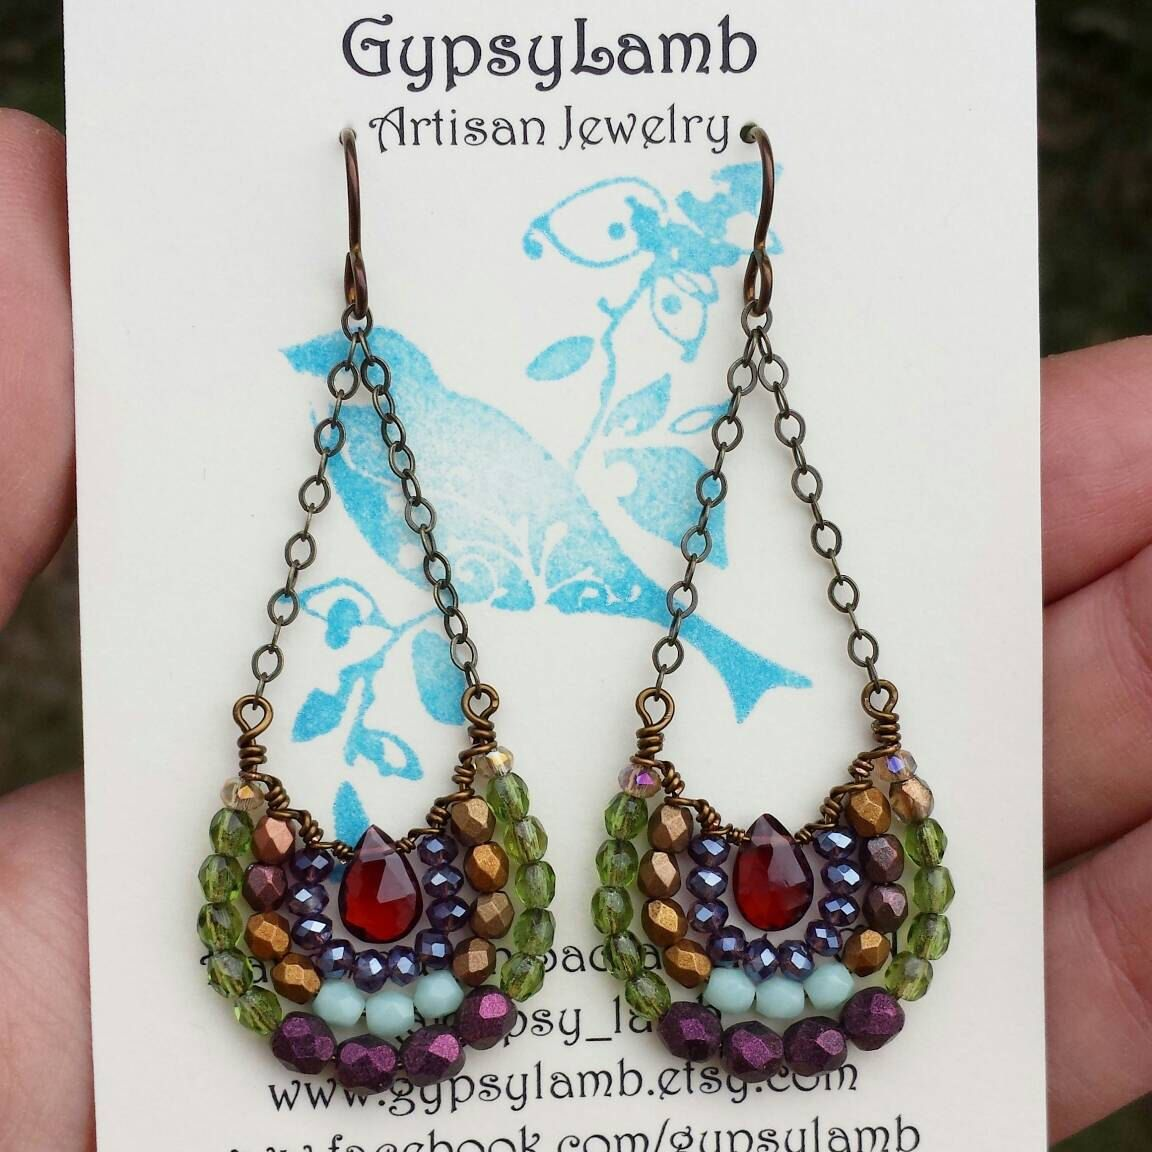 Garnet Mirela EARRINGS Gems, Glass, Purple, Olive, Bronze, Lightweight, Gypsy, Boho Style, one-of-a-kind, *Ready-to-ship* by GypsyLamb on Etsy https://www.etsy.com/listing/266944512/garnet-mirela-earrings-gems-glass-purple